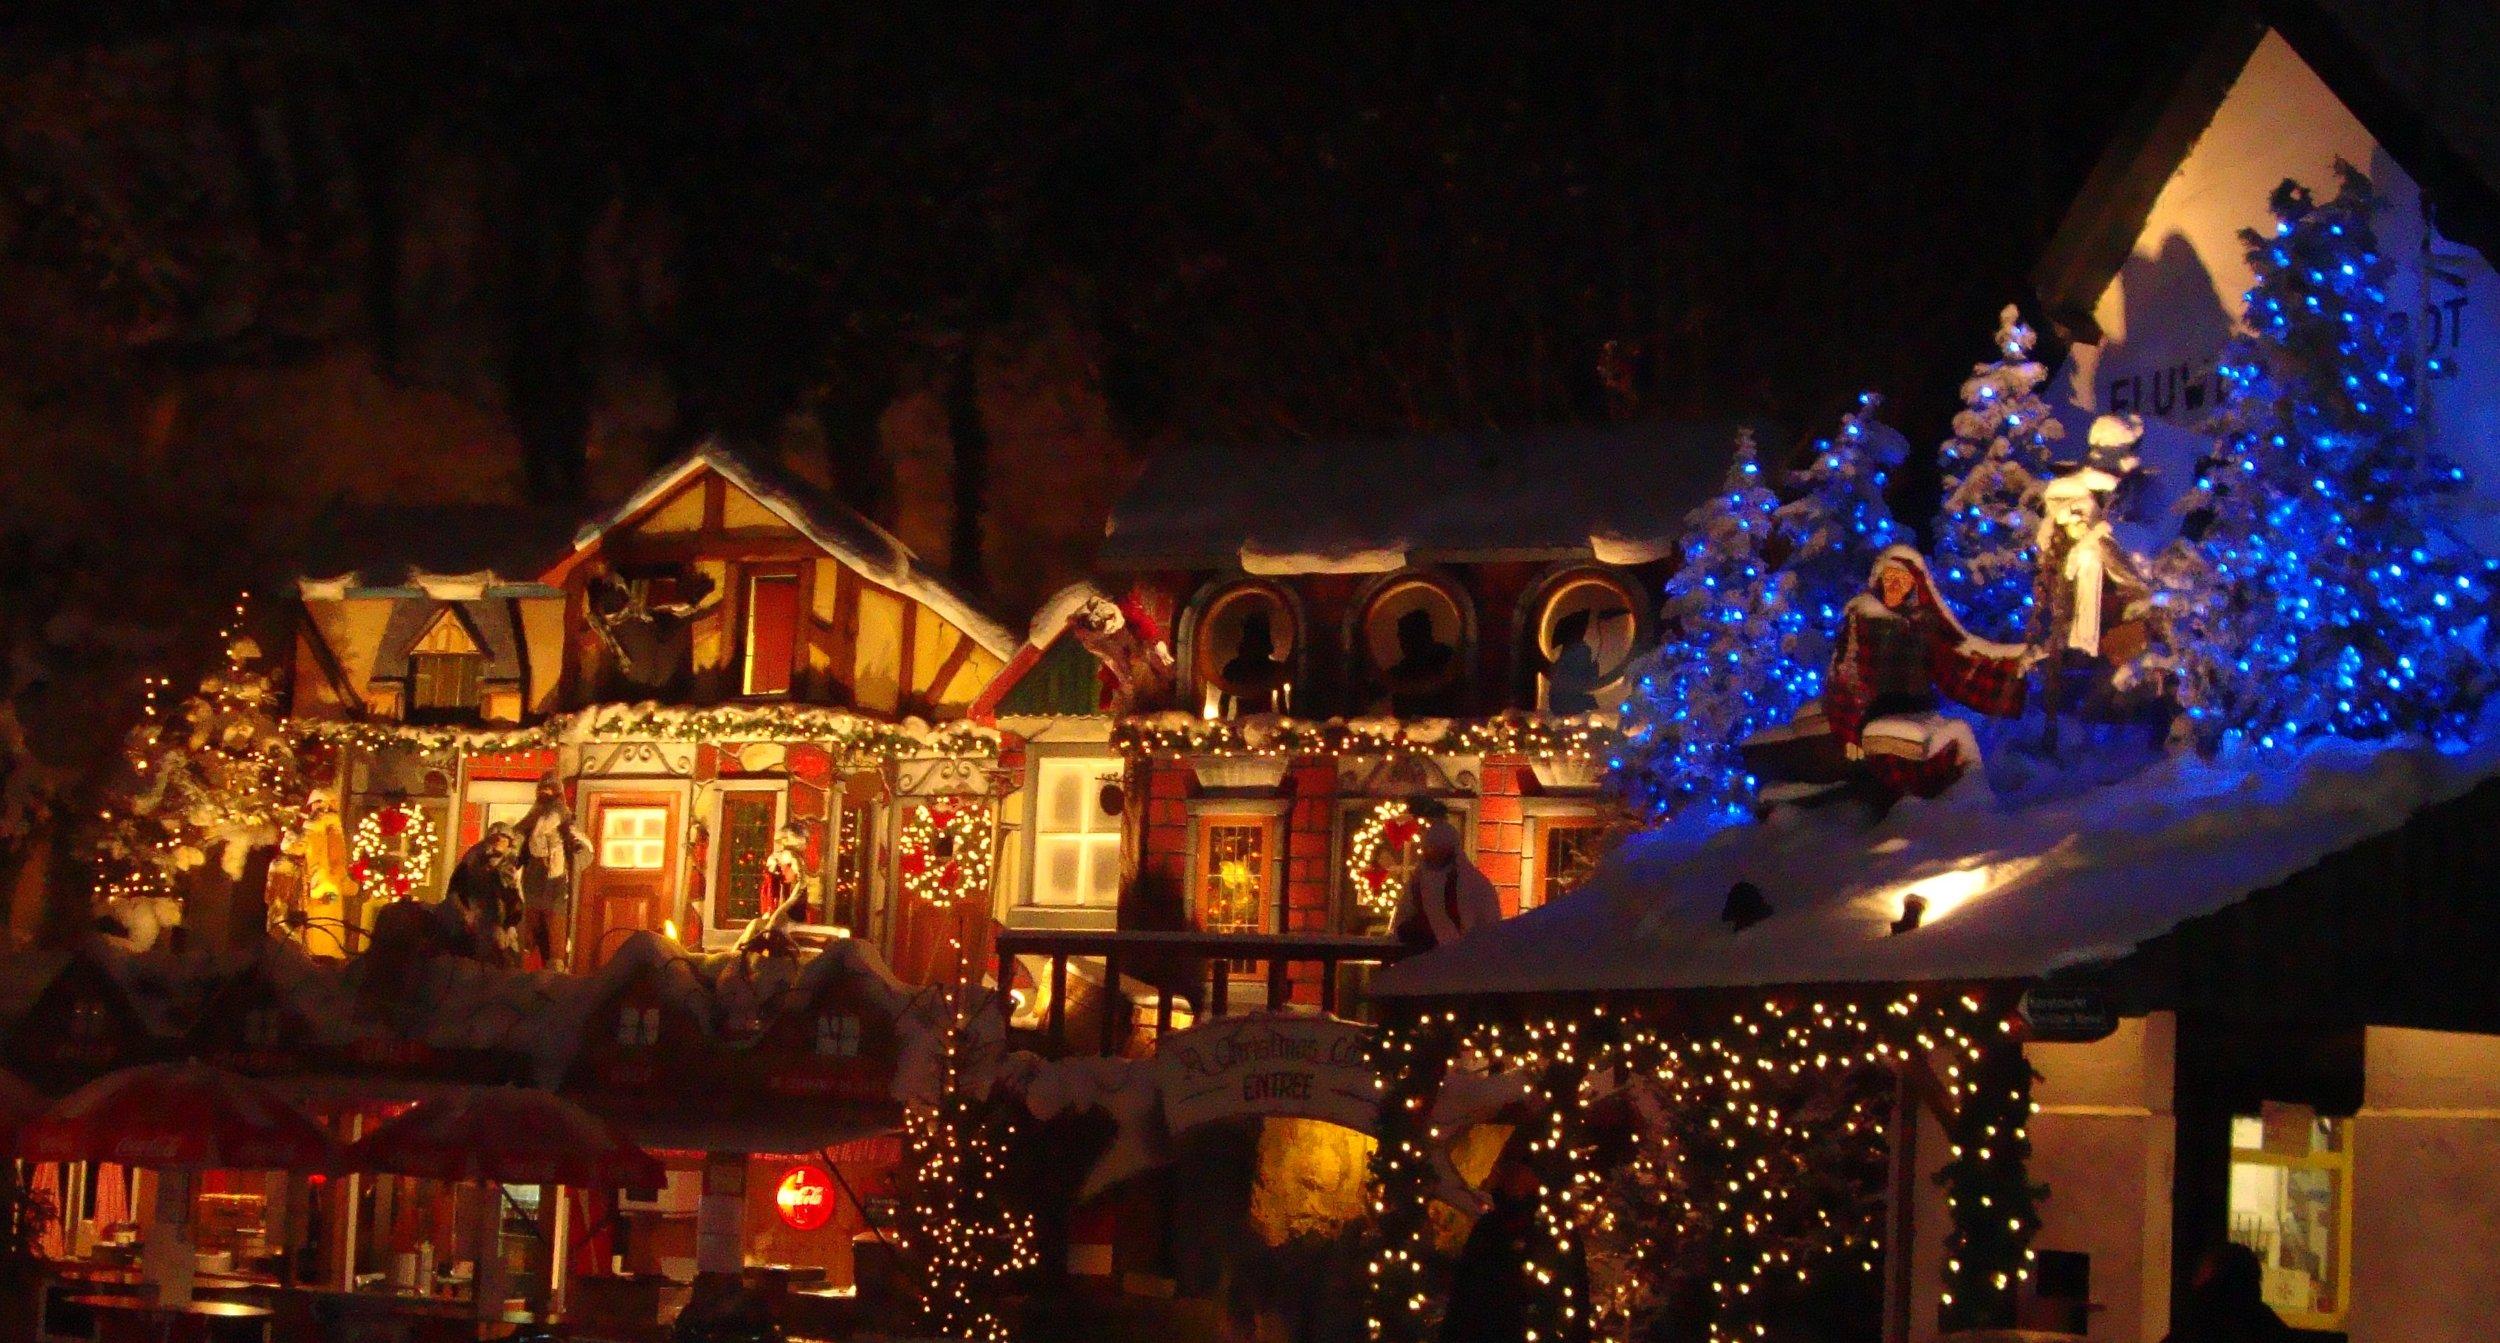 valkenburg-kerstmarkt-fluweelengrot-1.jpg